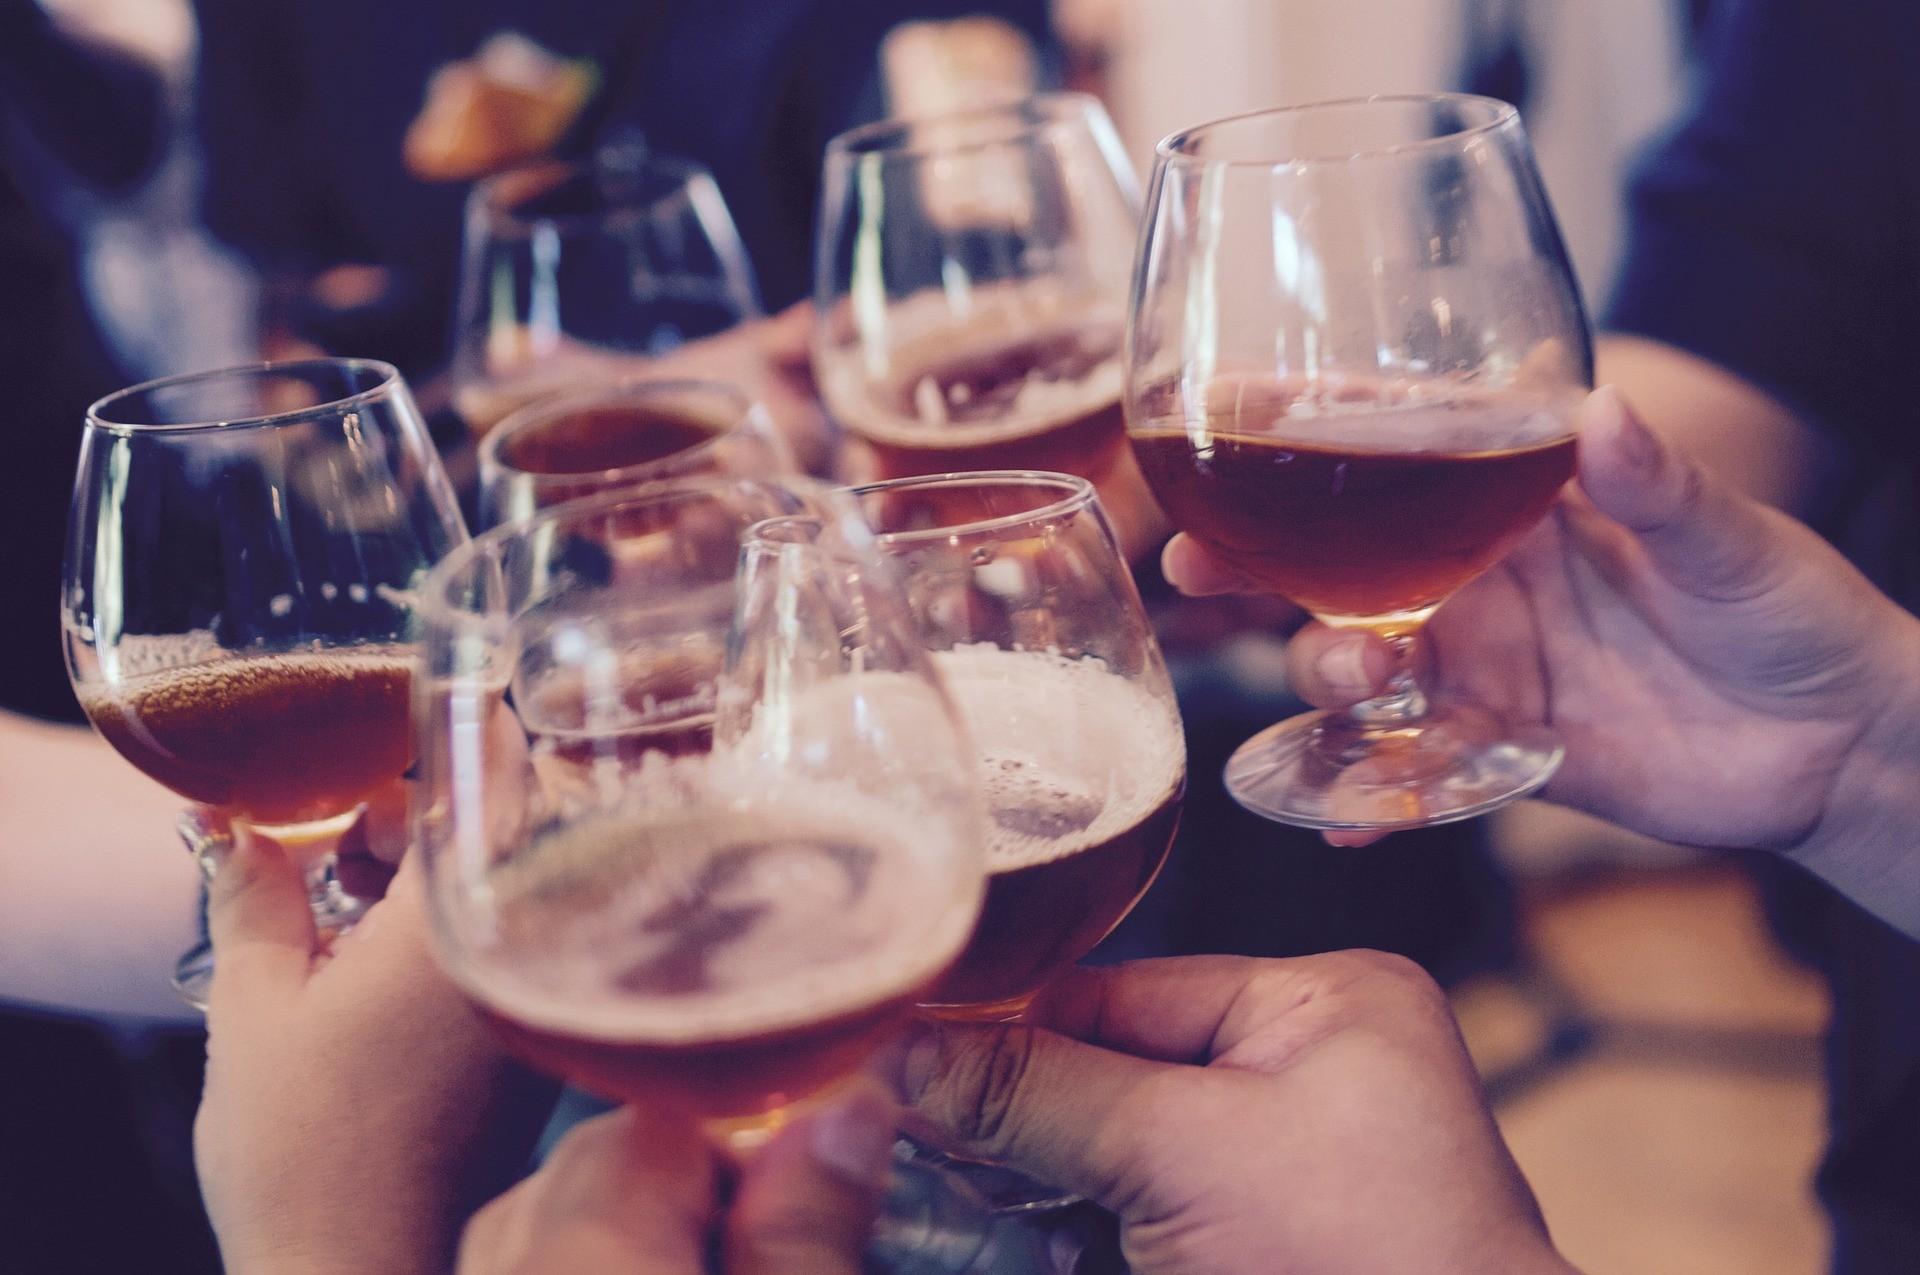 ▲派對,聚會,聚餐,宴席,宴會,喝酒。(圖/取自免費圖庫Pixabay)